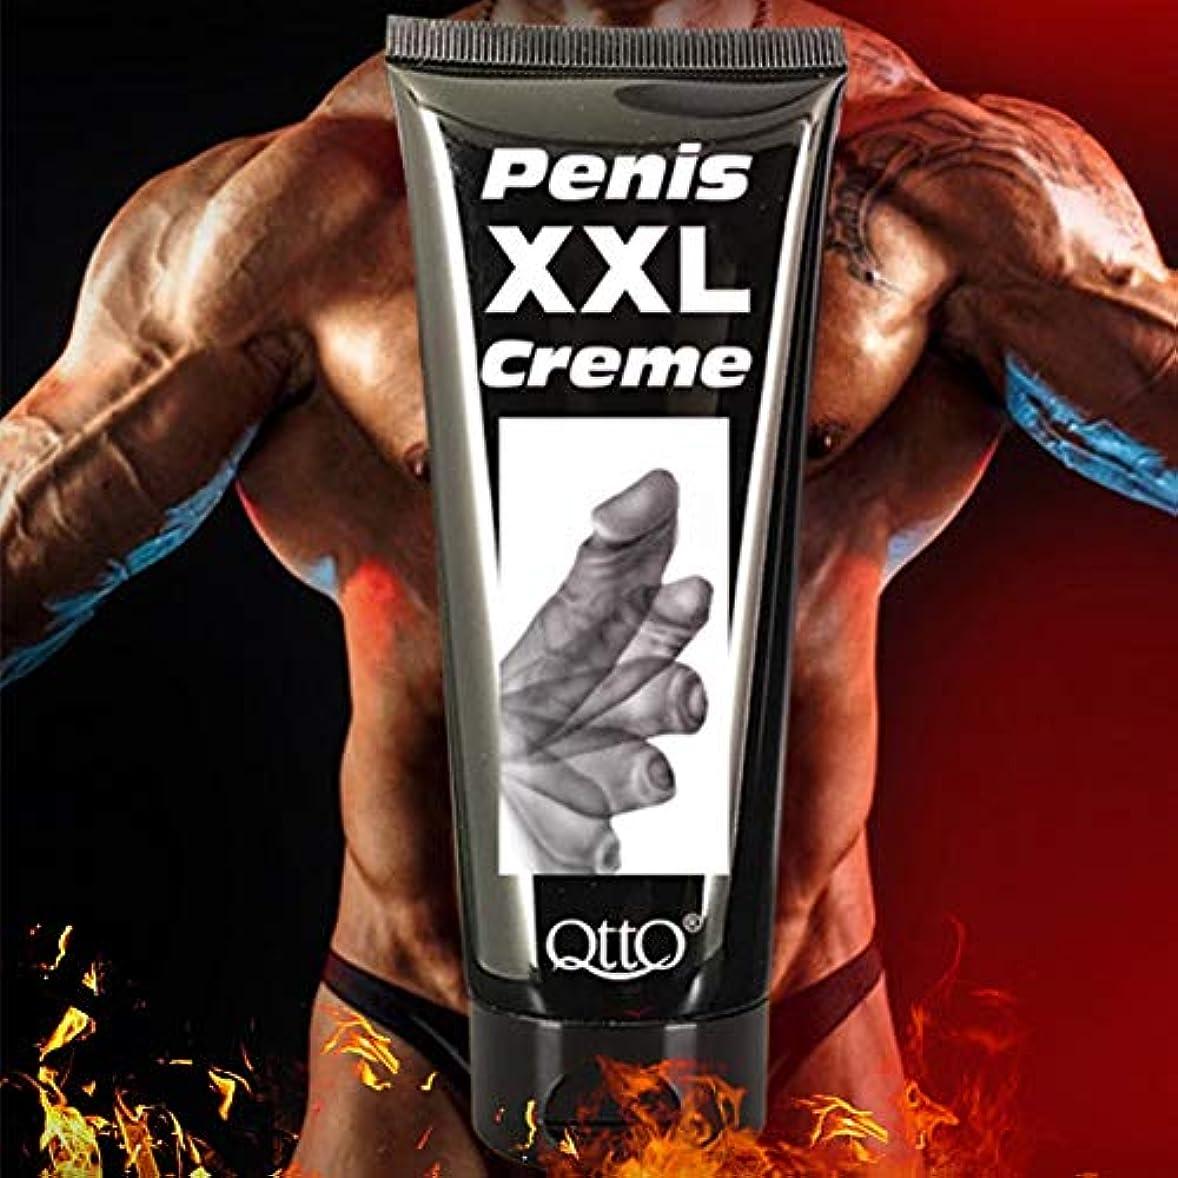 シャー不忠サークルBalai 男性用 ペニス拡大 クリームビッグディック 濃厚化成長強化パフォーマンス セックス製品